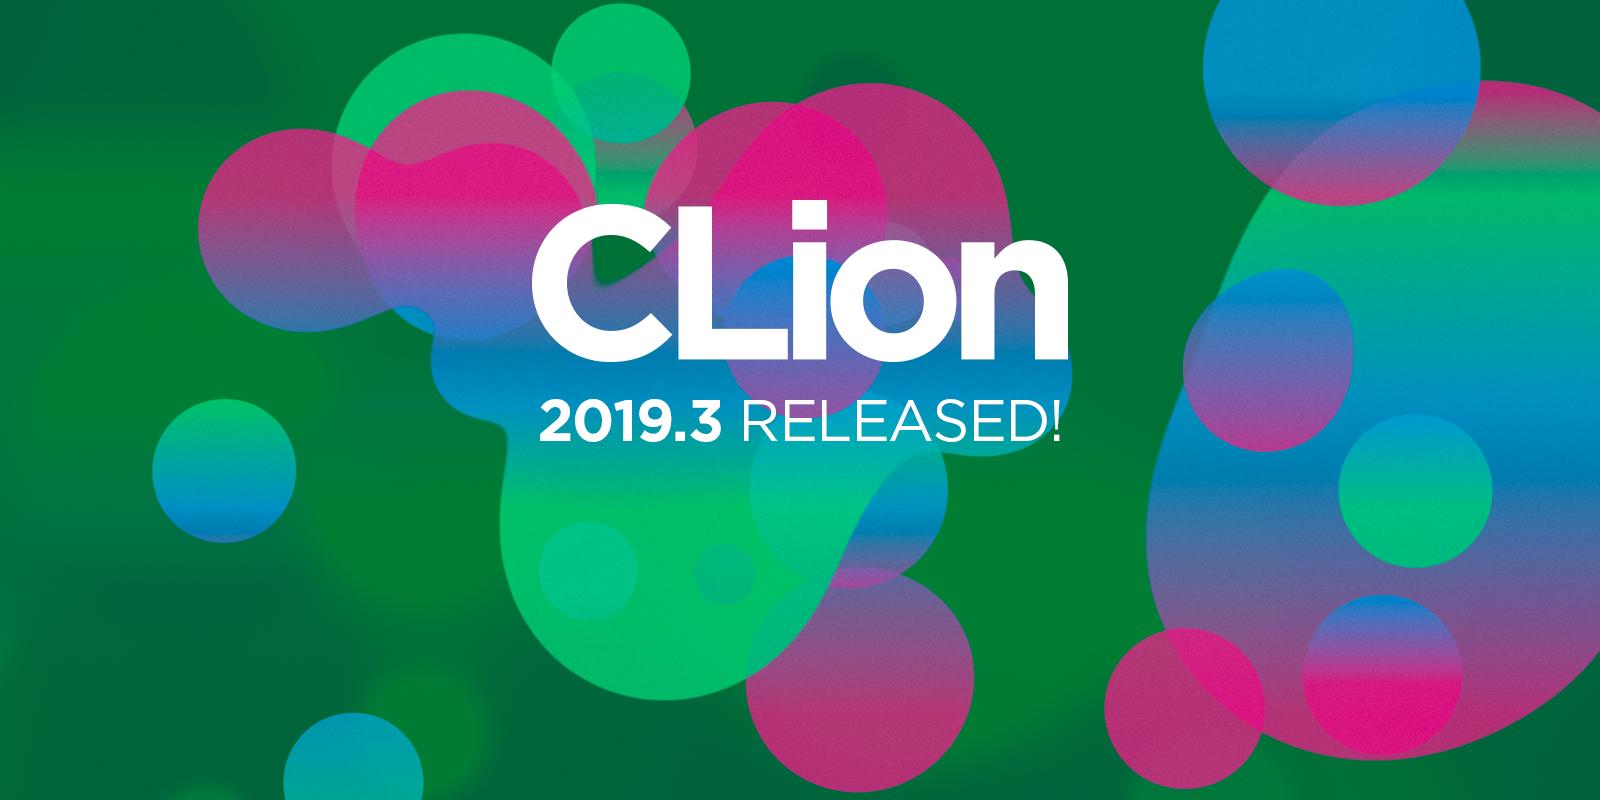 CLion 2019.3